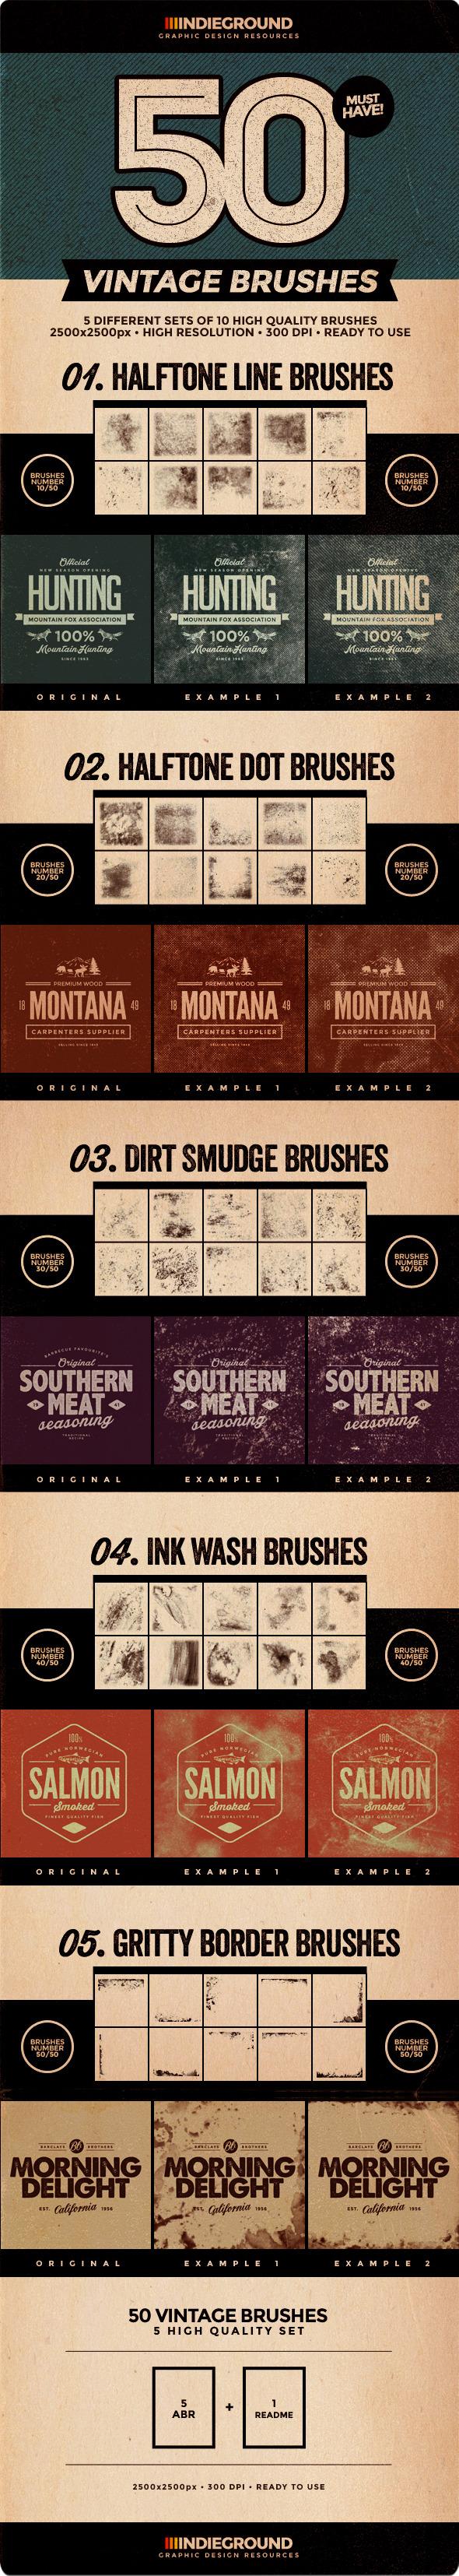 GraphicRiver 50 Vintage Brushes Set Vol 2 10431824